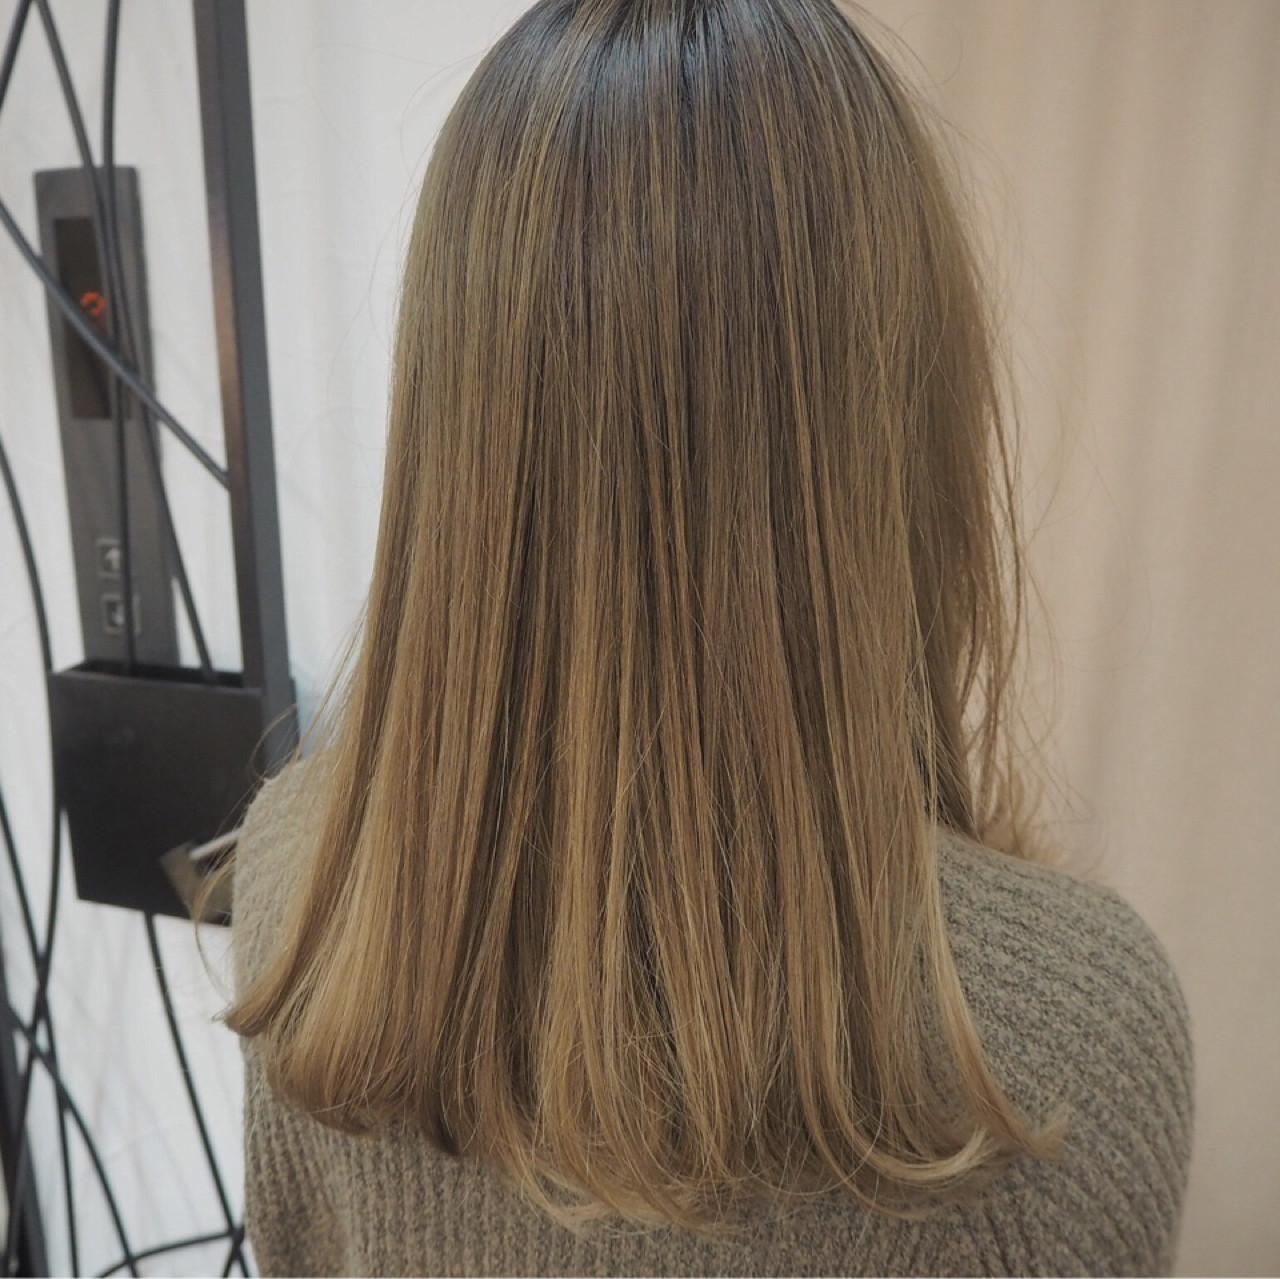 どんな色か知ってる?トレンドの髪色「グレージュ」でオトナ度アップ♡ 宮迫 真美